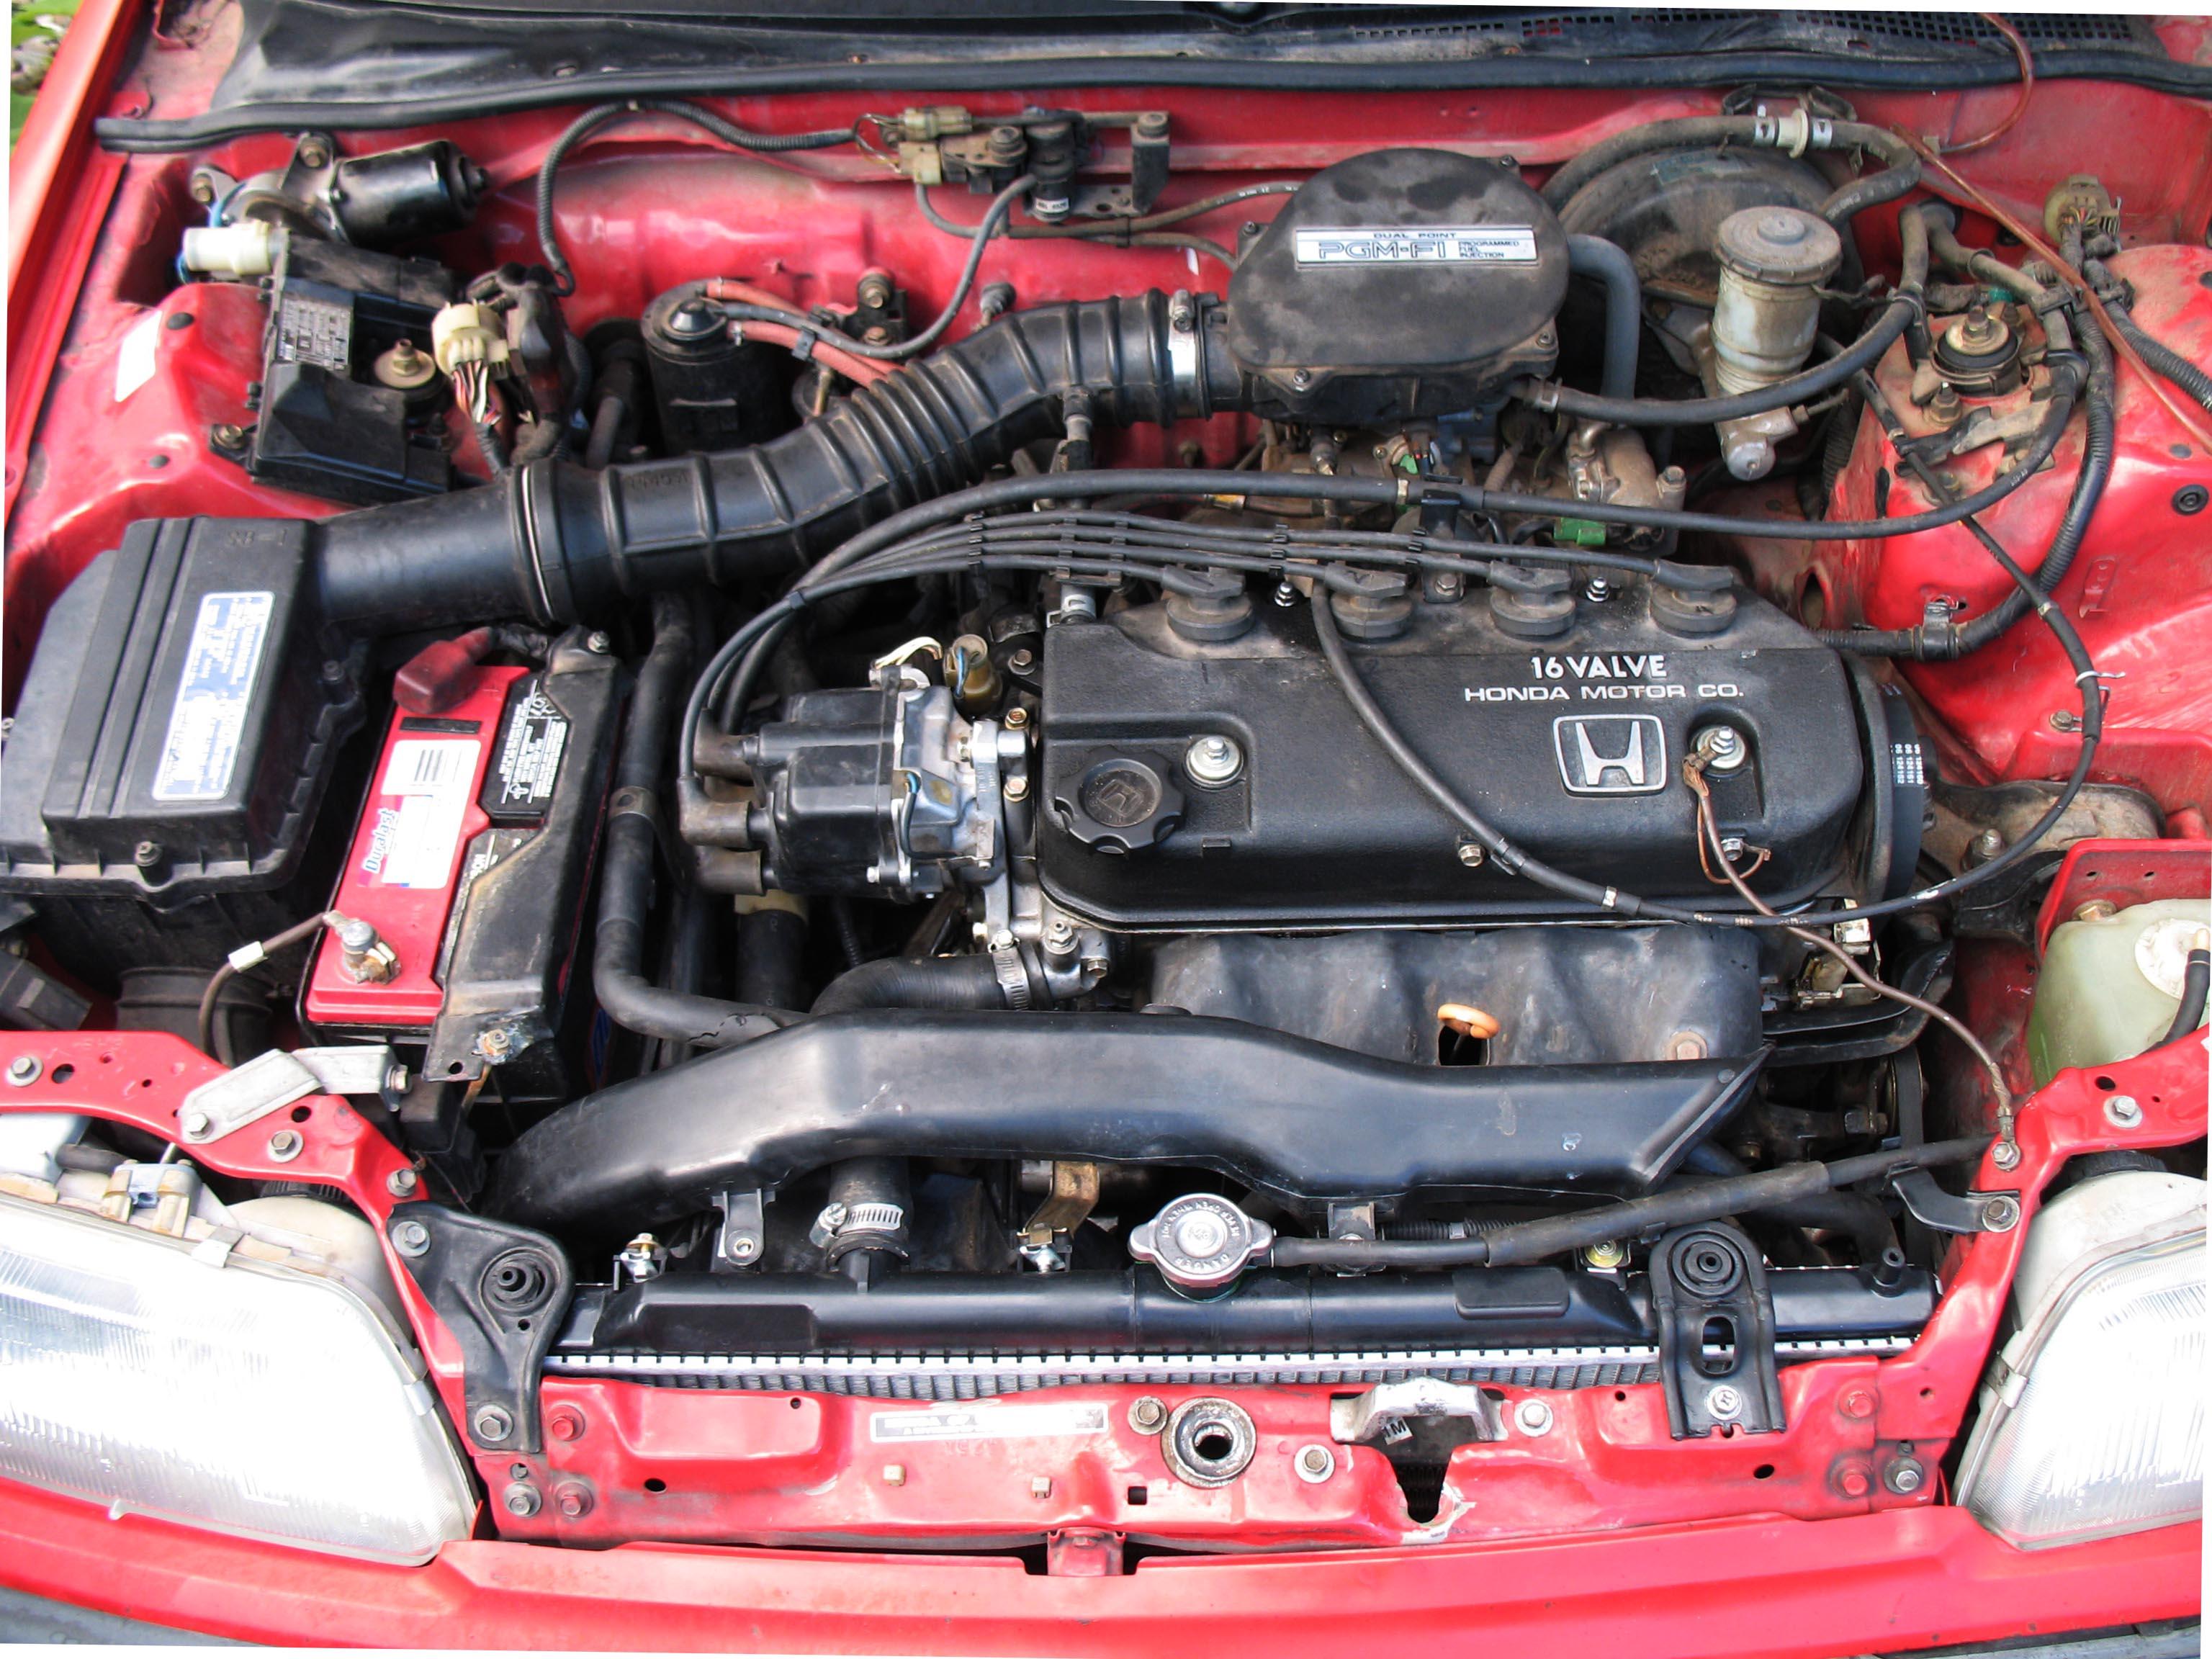 93 Honda Civic Distributor Cap Wiring Diagram